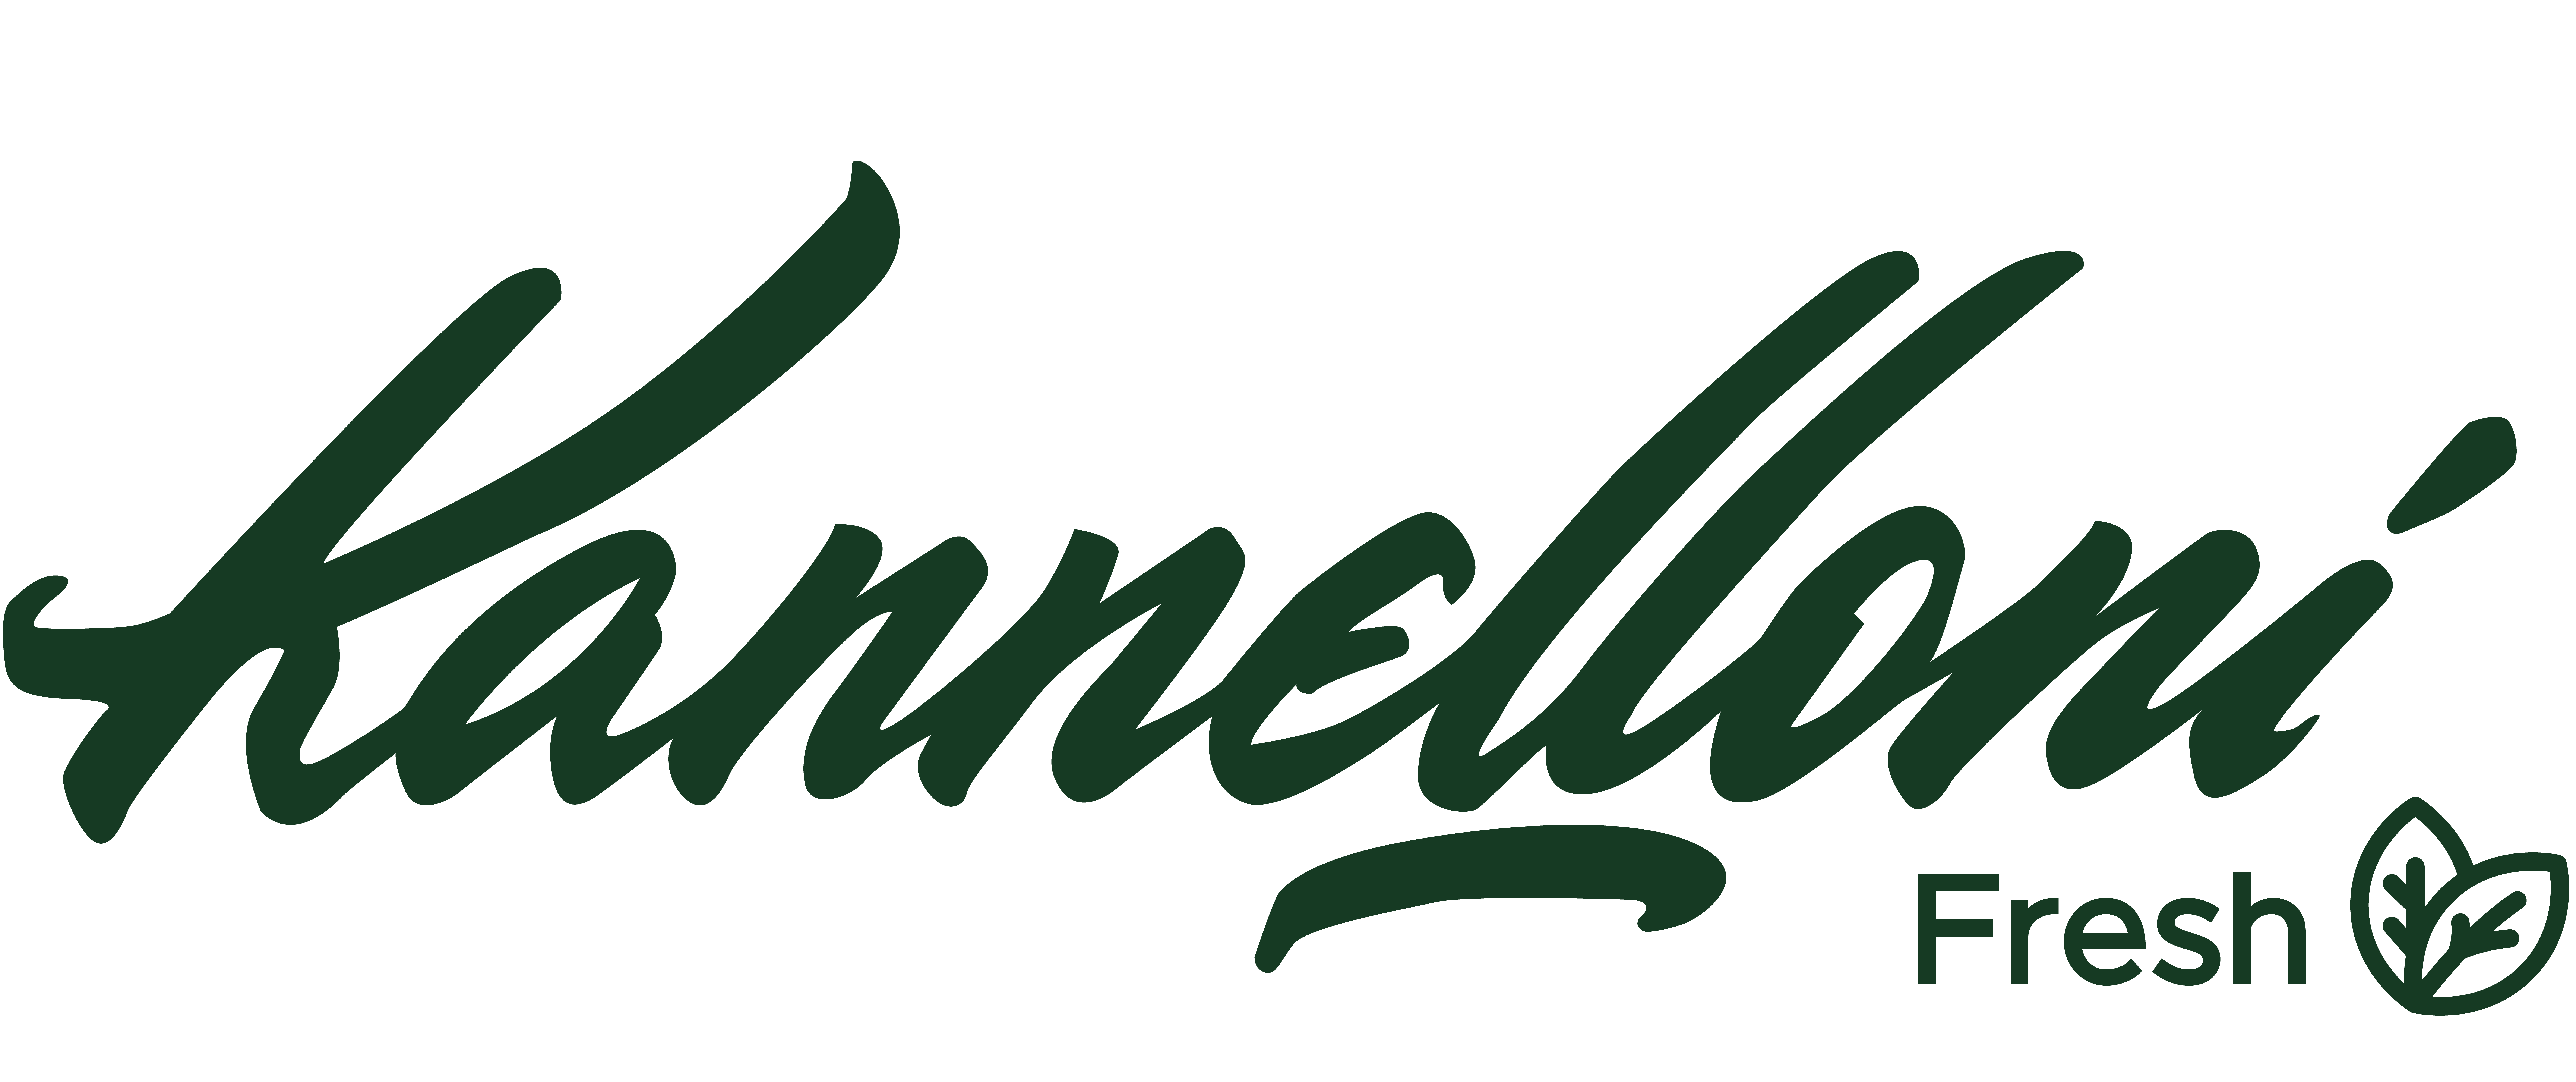 Logo Kannelloni Fresh